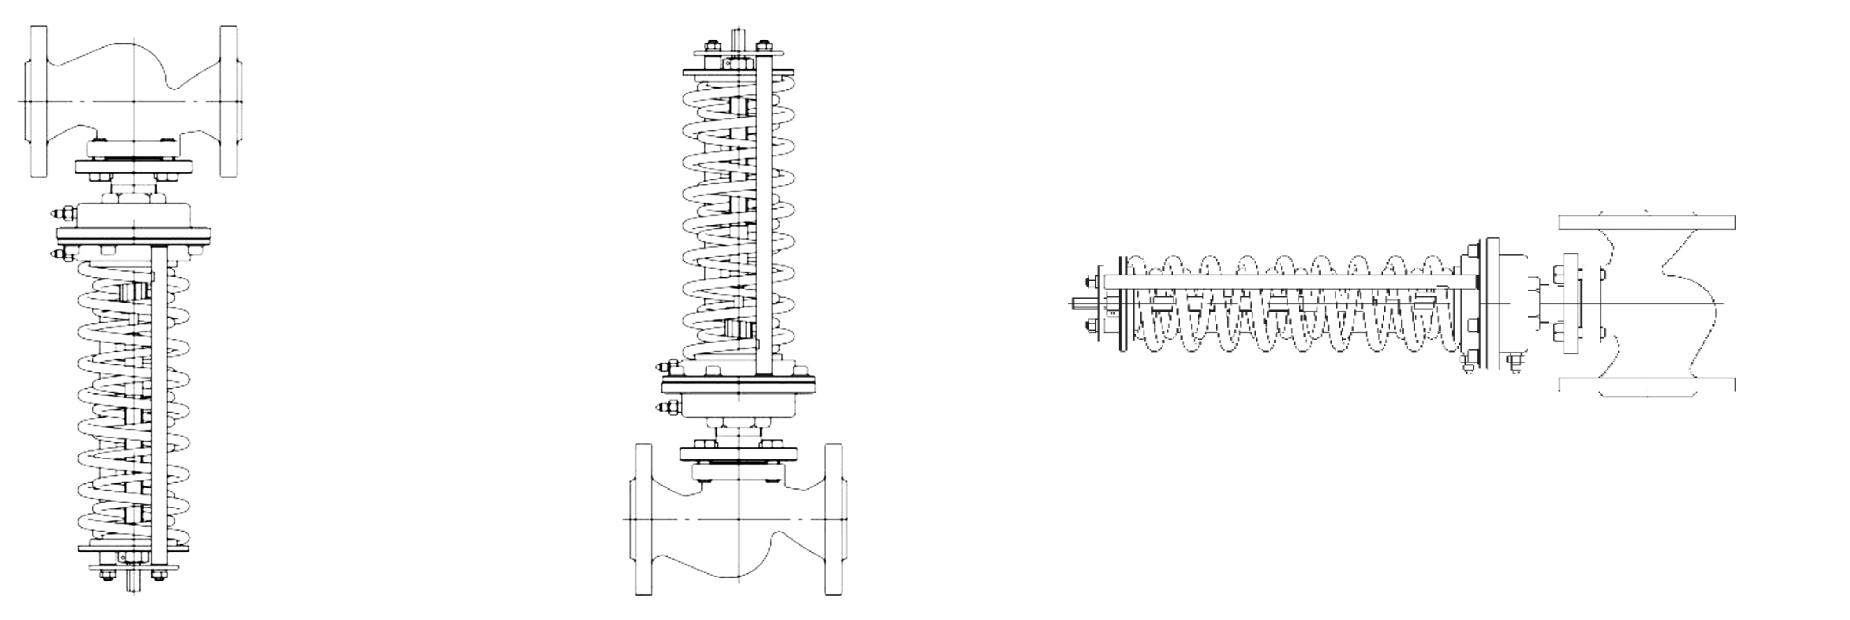 Монтажные положения регуляторов на трубопроводе